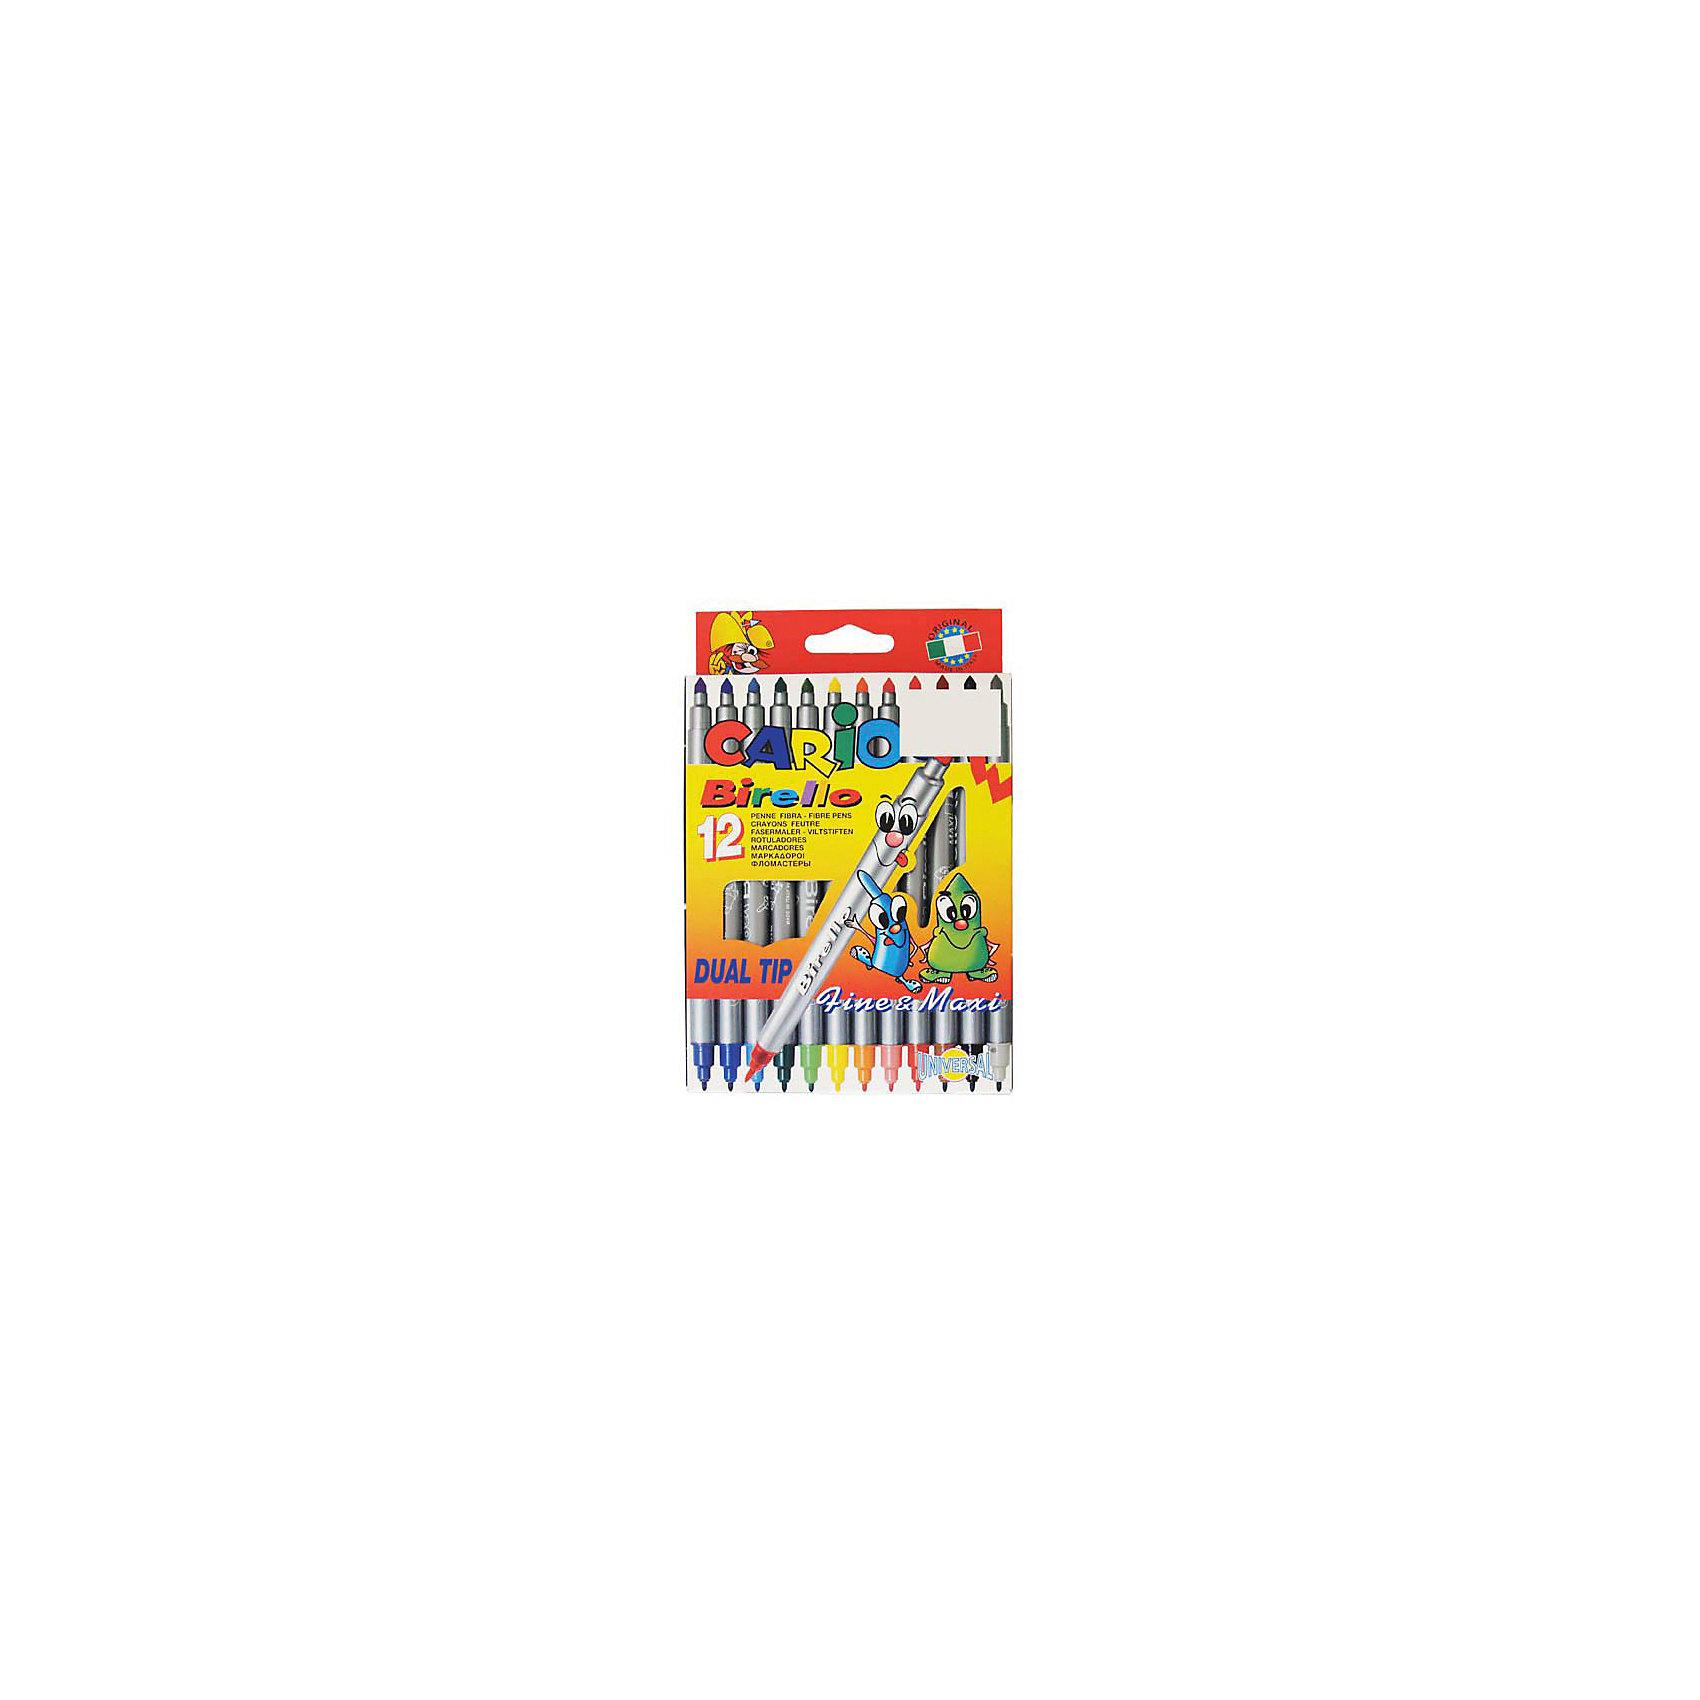 CARIOCA Набор фломастеров BIRELLO двустороннихФломастеры<br>Двухсторонние фломастеры с прекрасно смываемыми простой водой чернилами, с безопасными вентилируемыми колпачками. С одной стороны пишут тонко, диметр пишущего узла 1 мм,с другой - толсто, даметр 4 мм. 12 цветов. В картонной кобке с европодвесом<br><br>Ширина мм: 190<br>Глубина мм: 160<br>Высота мм: 10<br>Вес г: 131<br>Возраст от месяцев: 36<br>Возраст до месяцев: 168<br>Пол: Унисекс<br>Возраст: Детский<br>SKU: 6888681